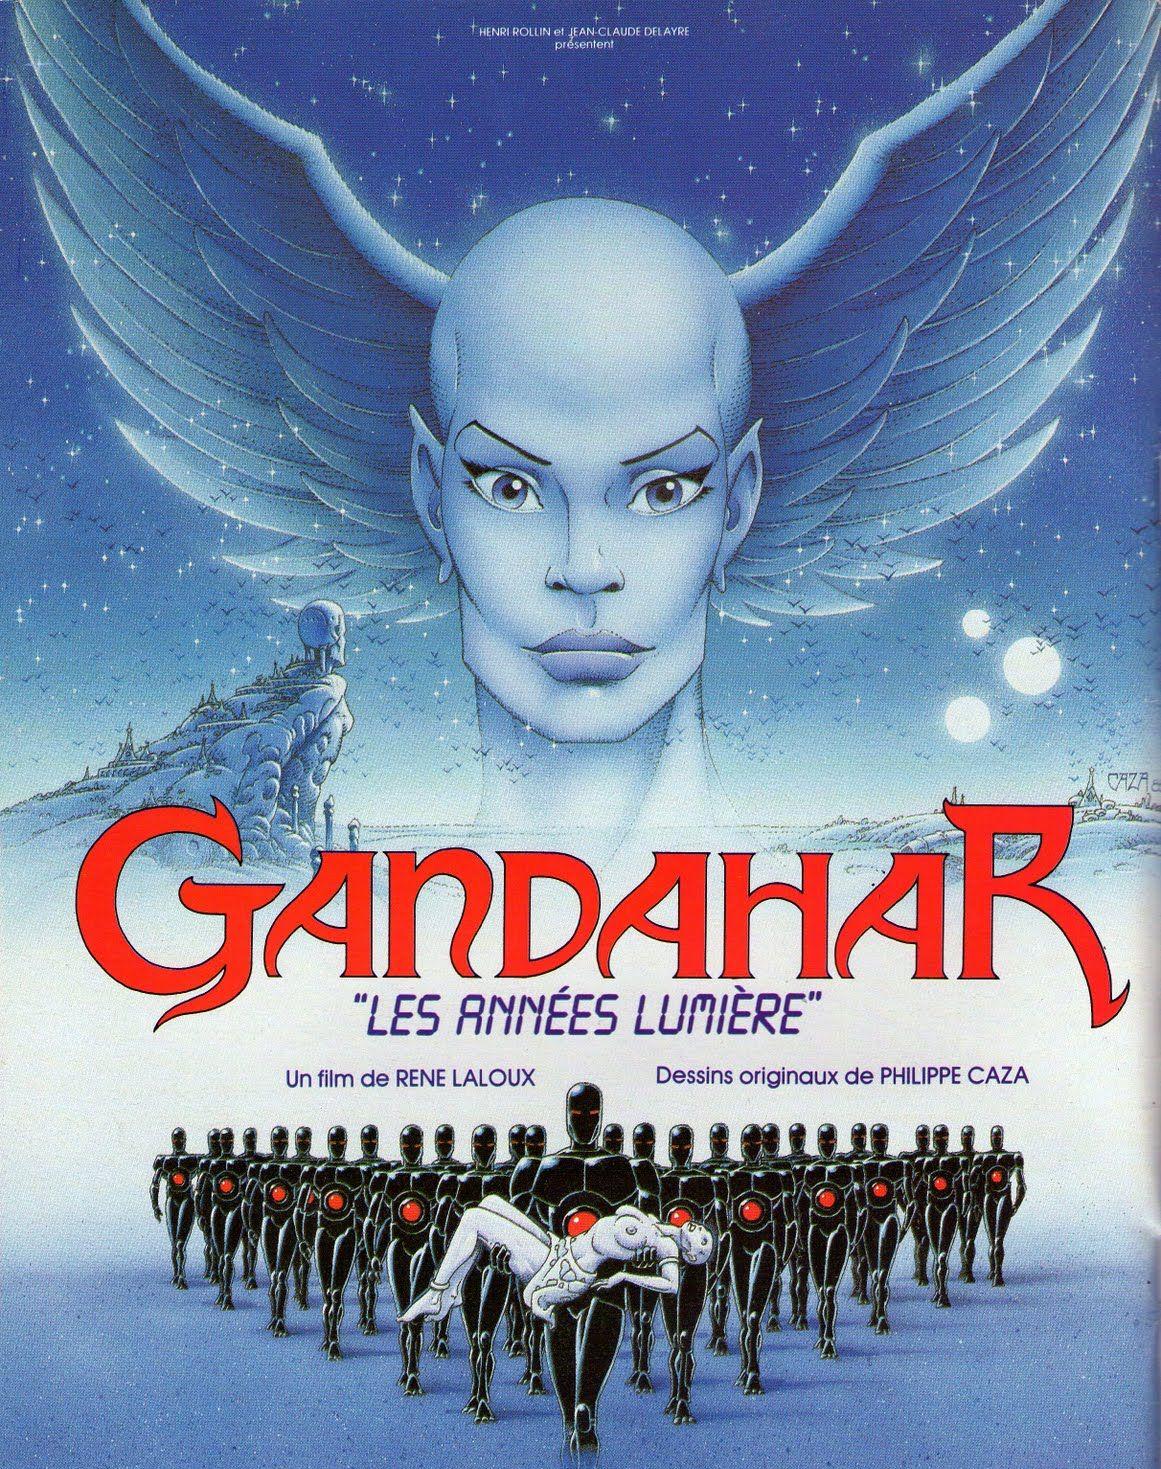 Gandahar a.k.a The Light Years (1987)